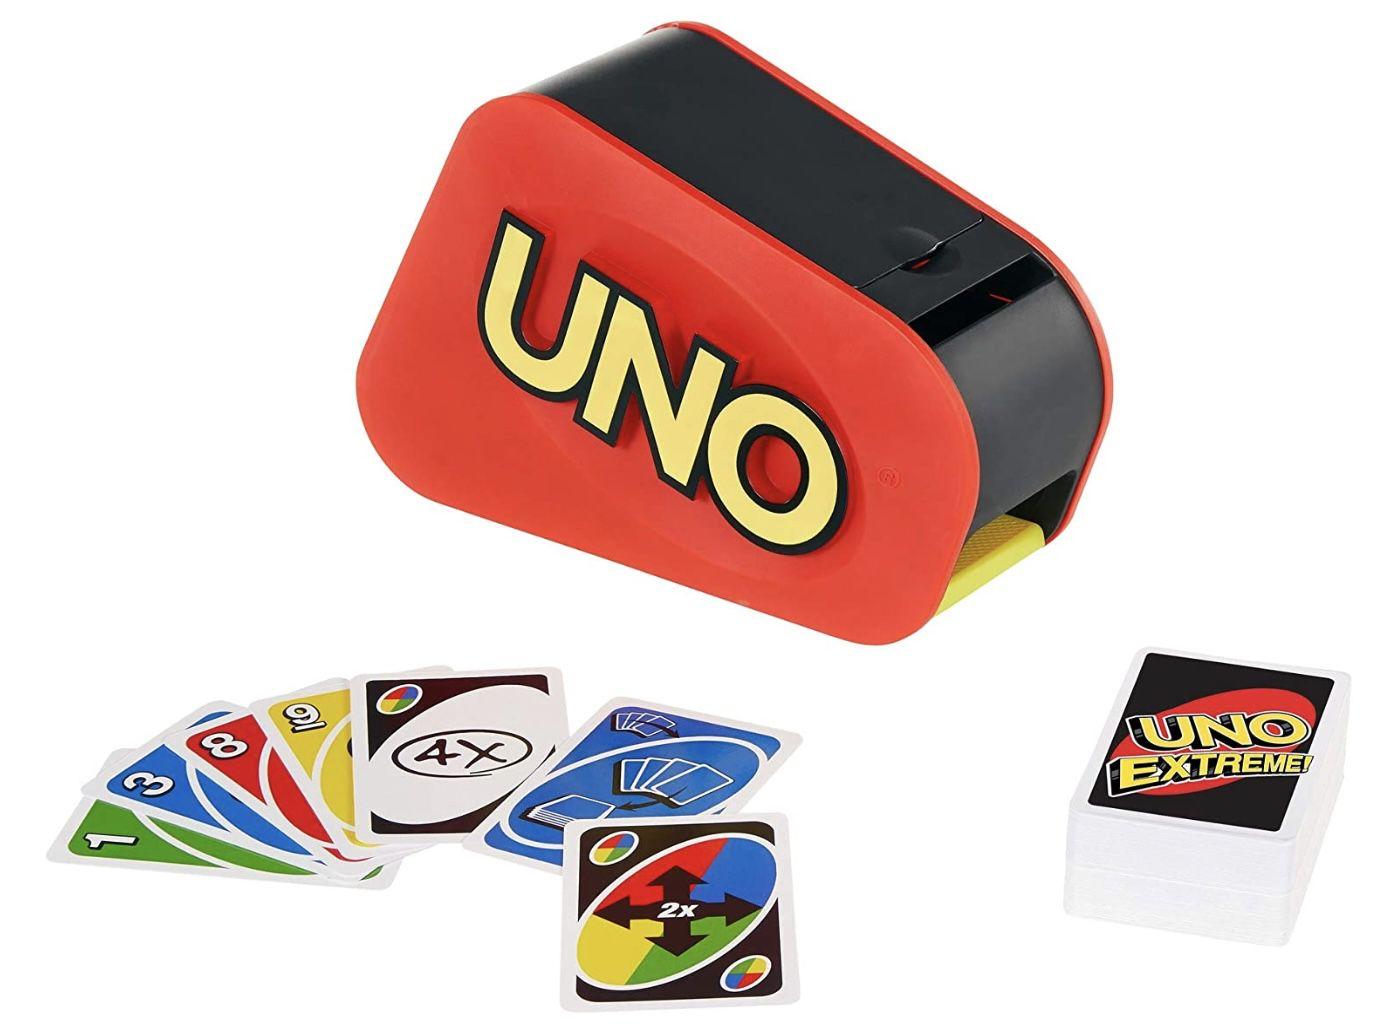 Mattel Games GXY75   UNO Extreme Kartenspiel mit Zufallsschleuder für 2 bis 10 Spieler für 24€ (statt 37€)   Prime